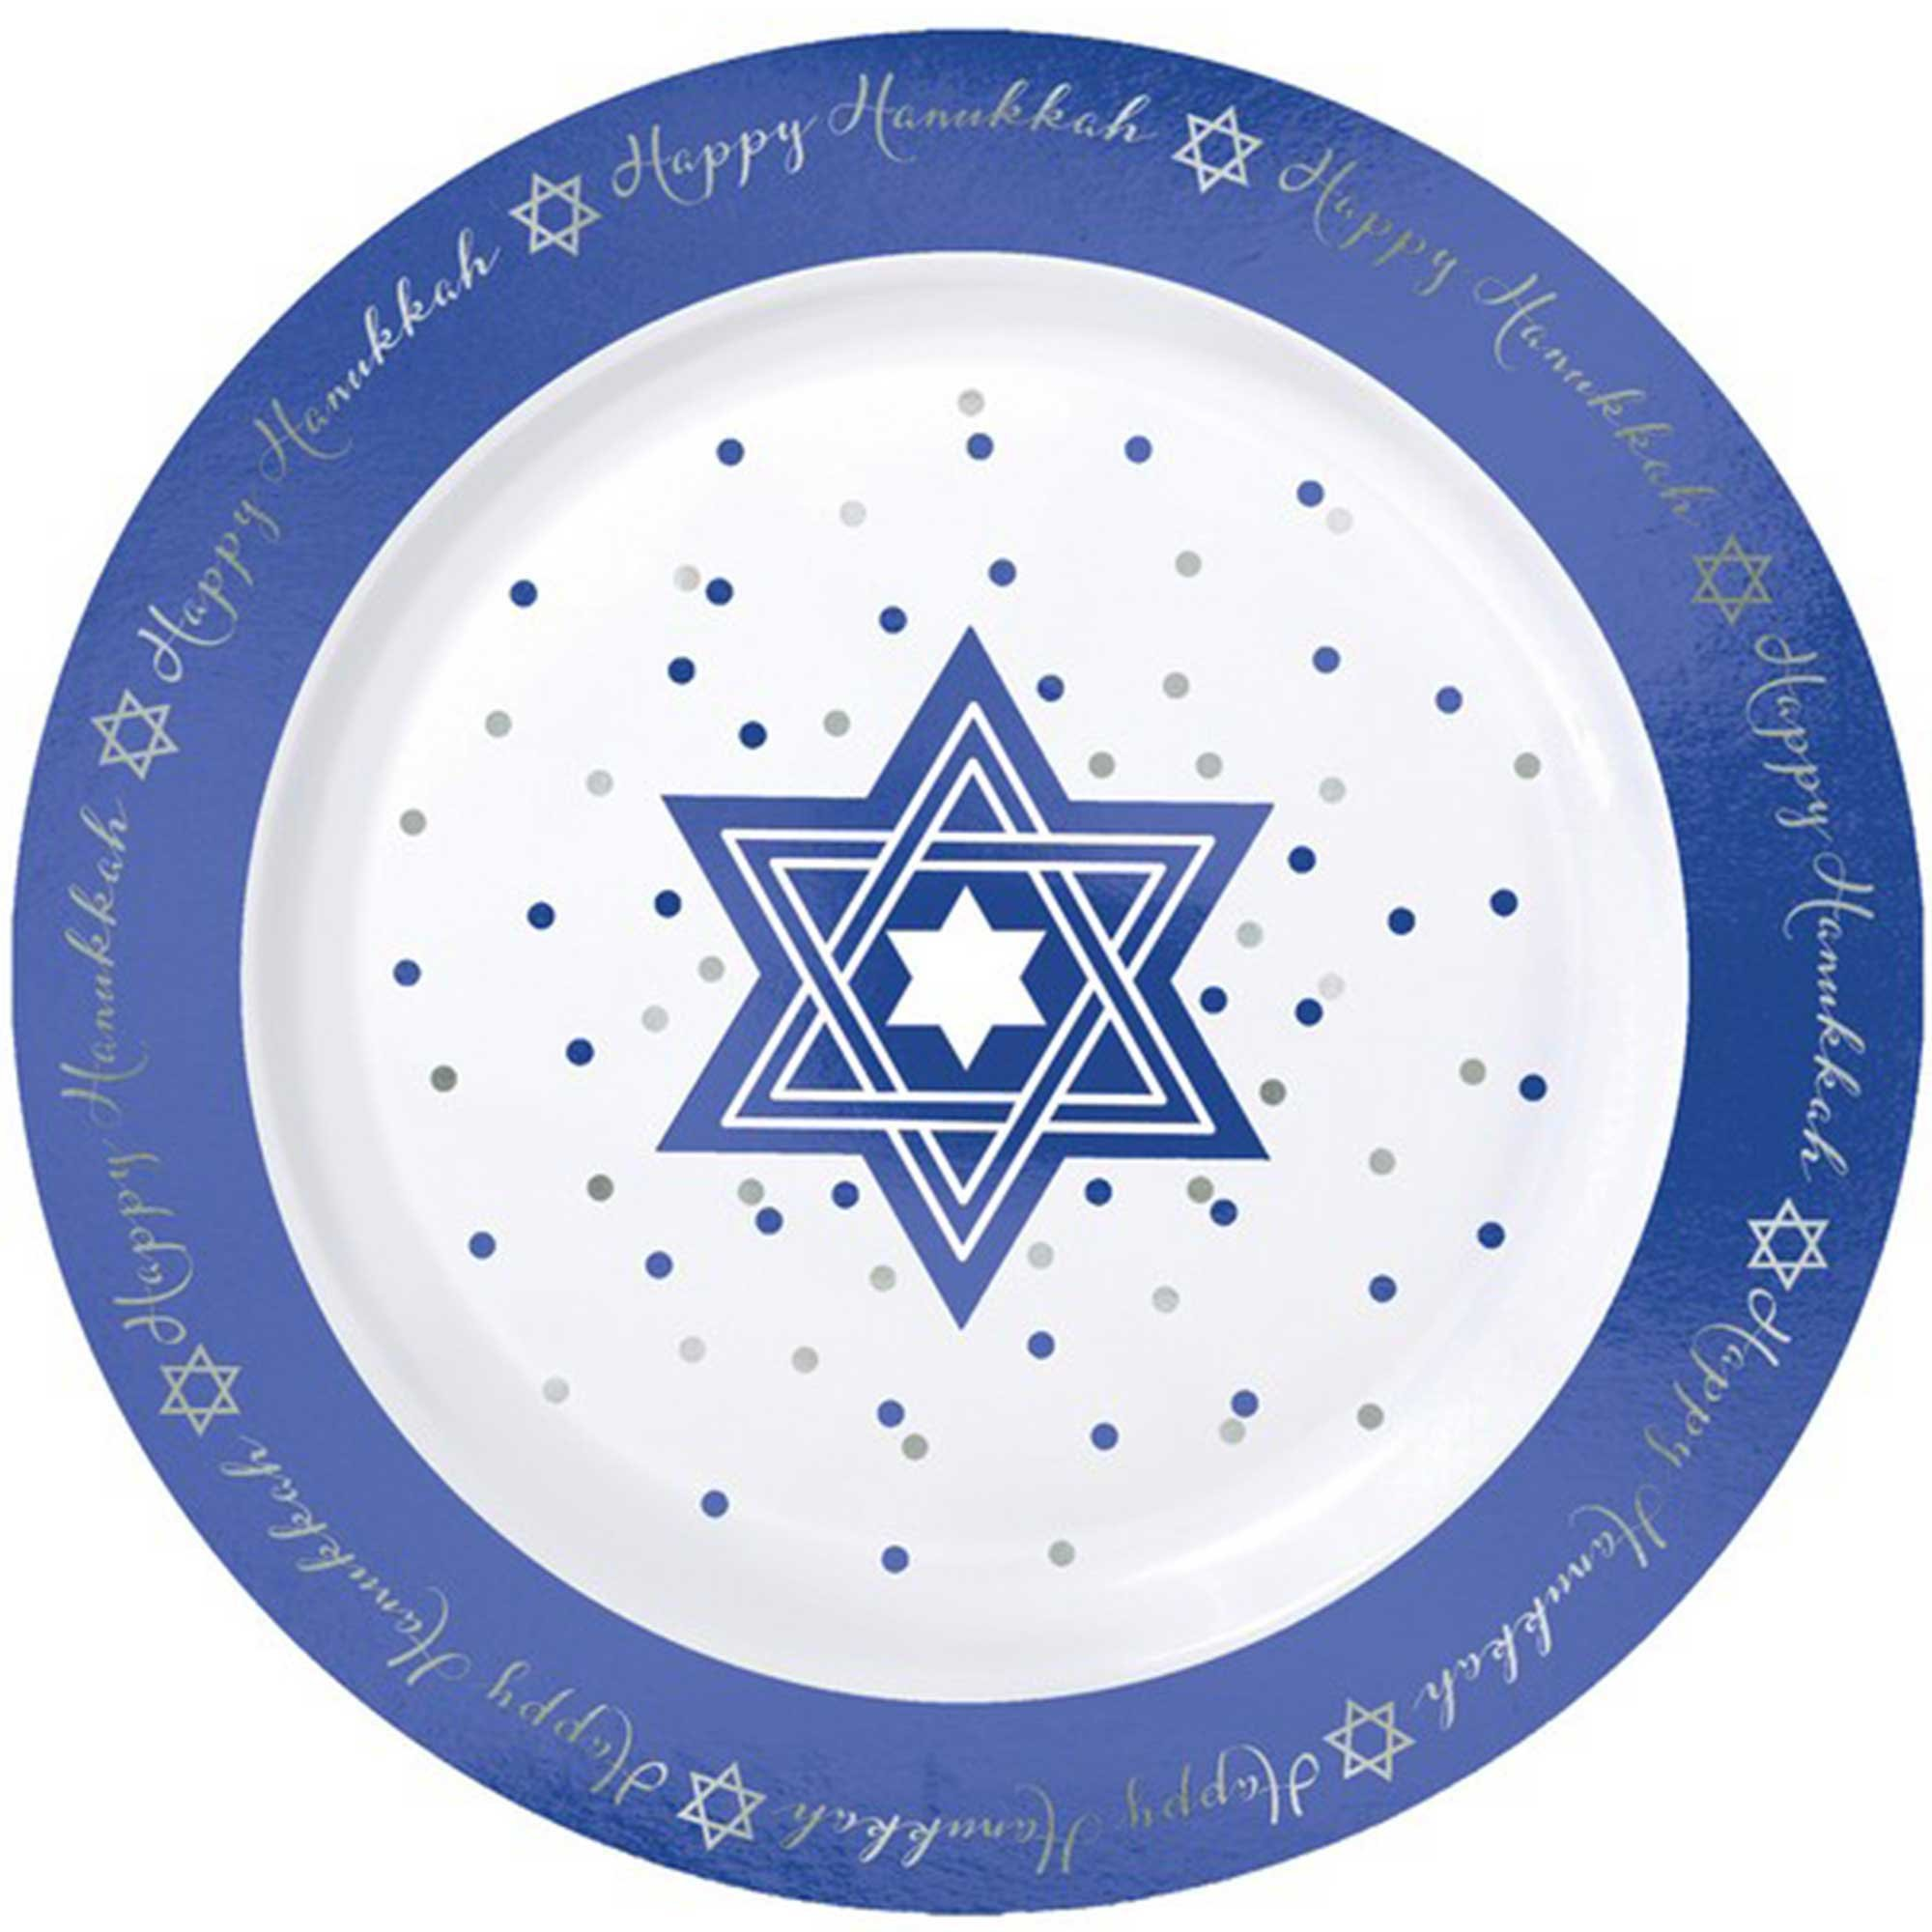 Hanukkah Premium Round Lunch Plates Foil Hot Stamped Plastic